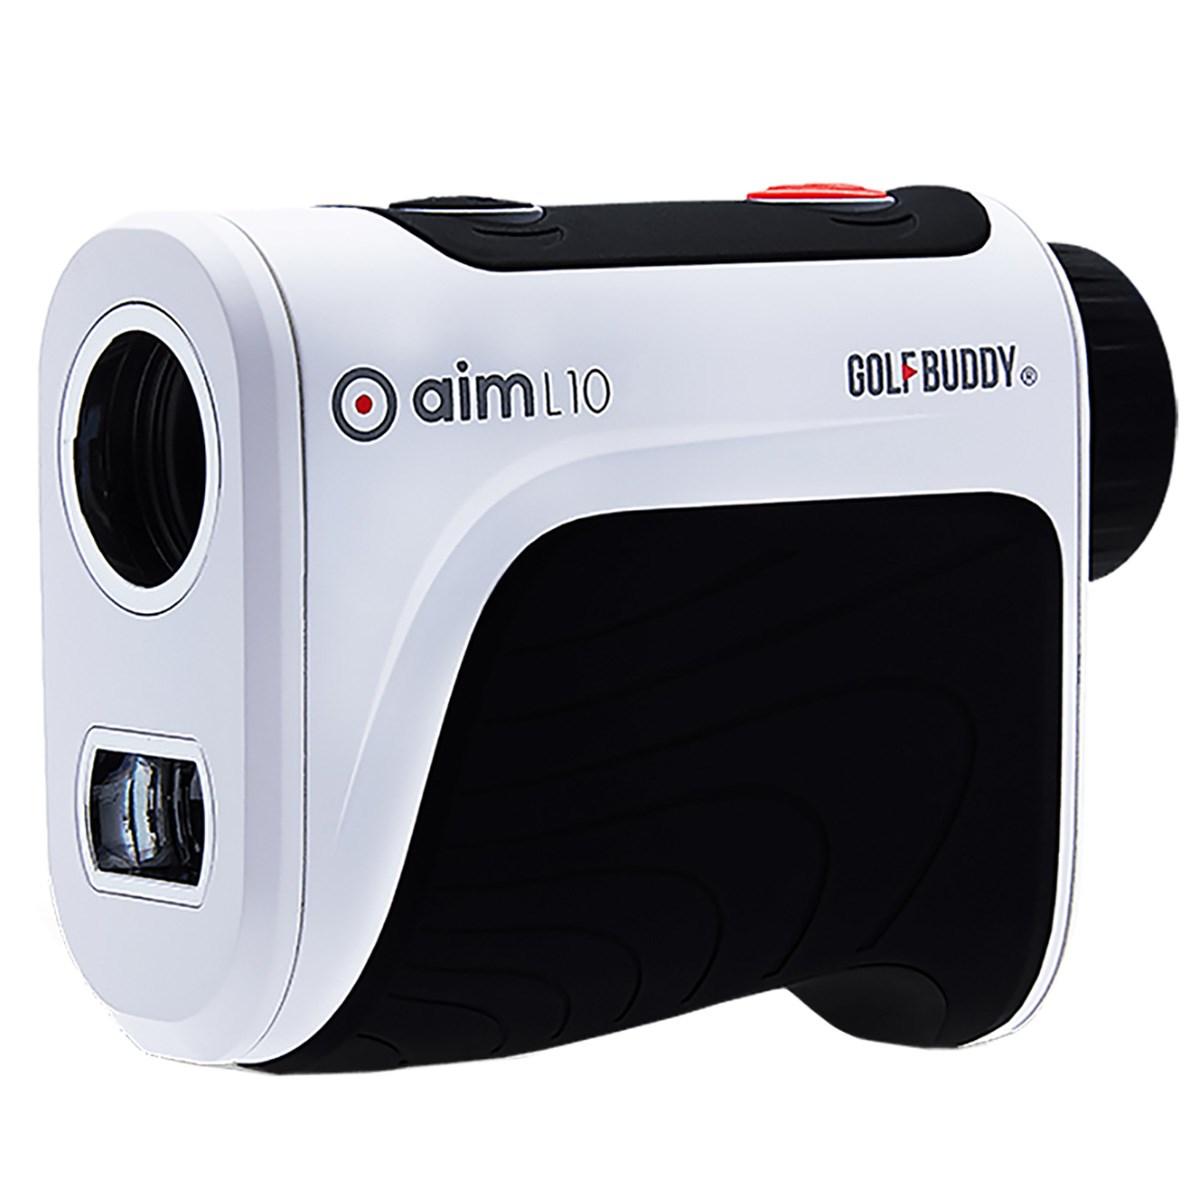 ゴルフバディー GolfBuddy aim L10 レーザー距離計測器 ブラック/ホワイト